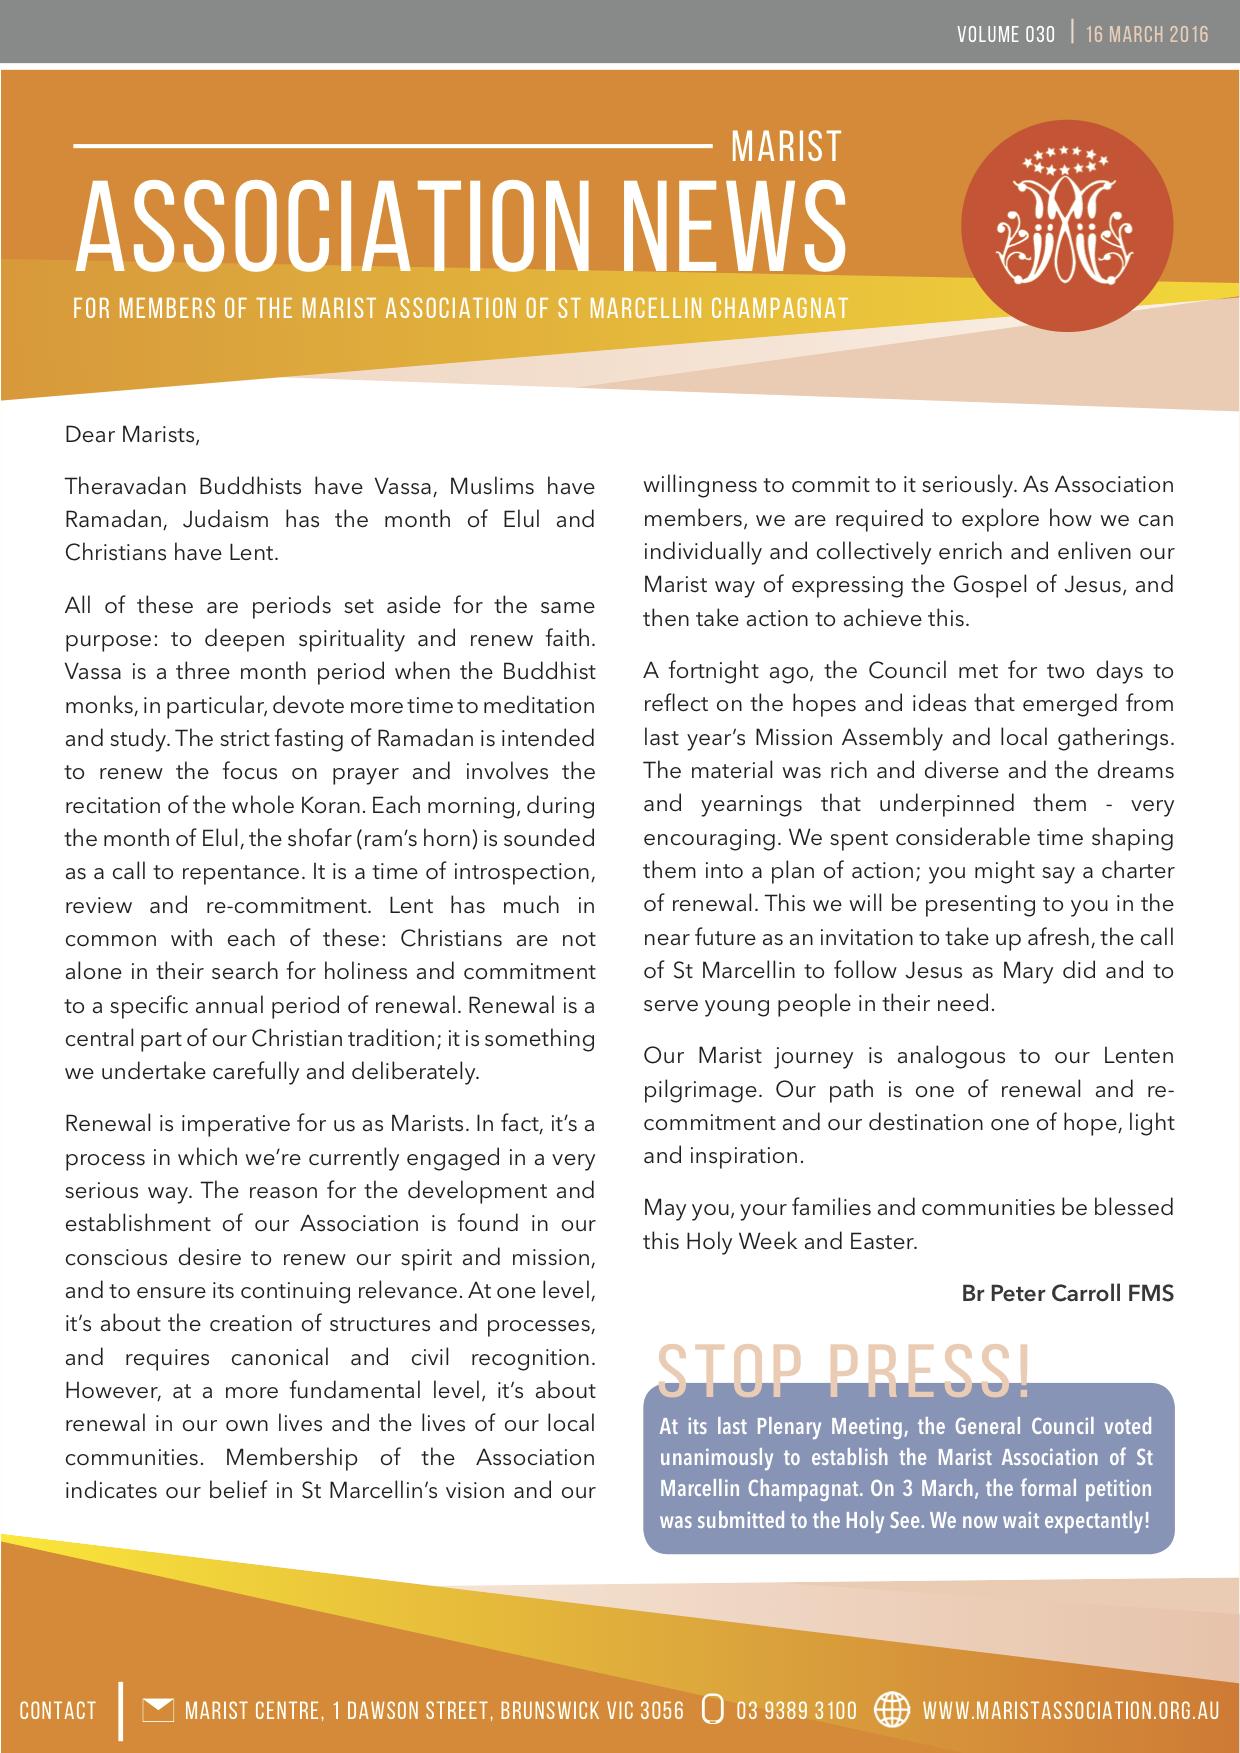 Marist Association News 030 - 16 March 2016.png